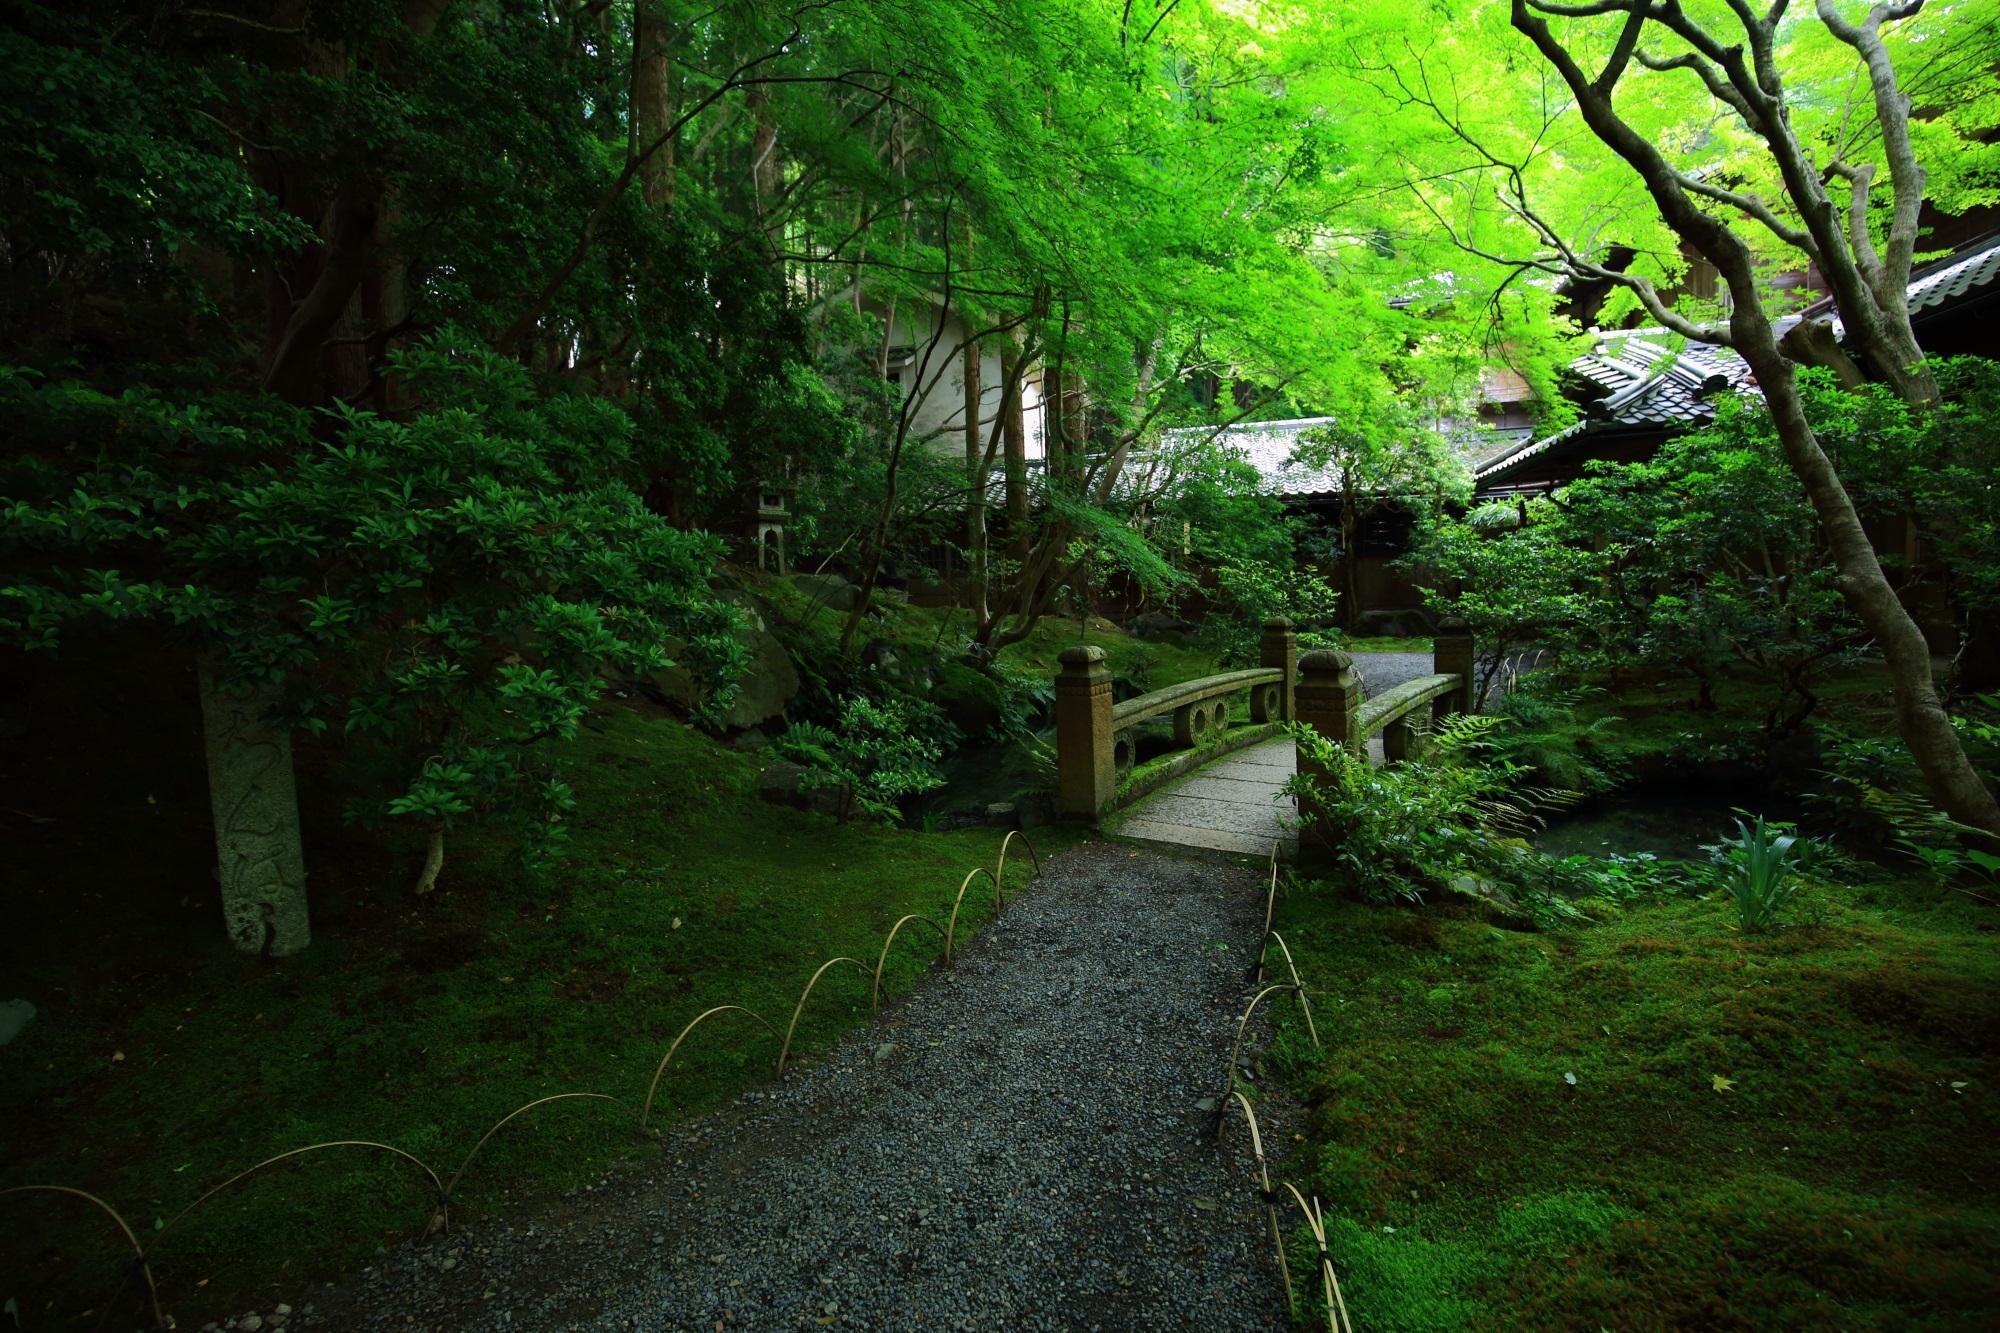 瑠璃光院の鮮やかな緑につつまれた玄関前